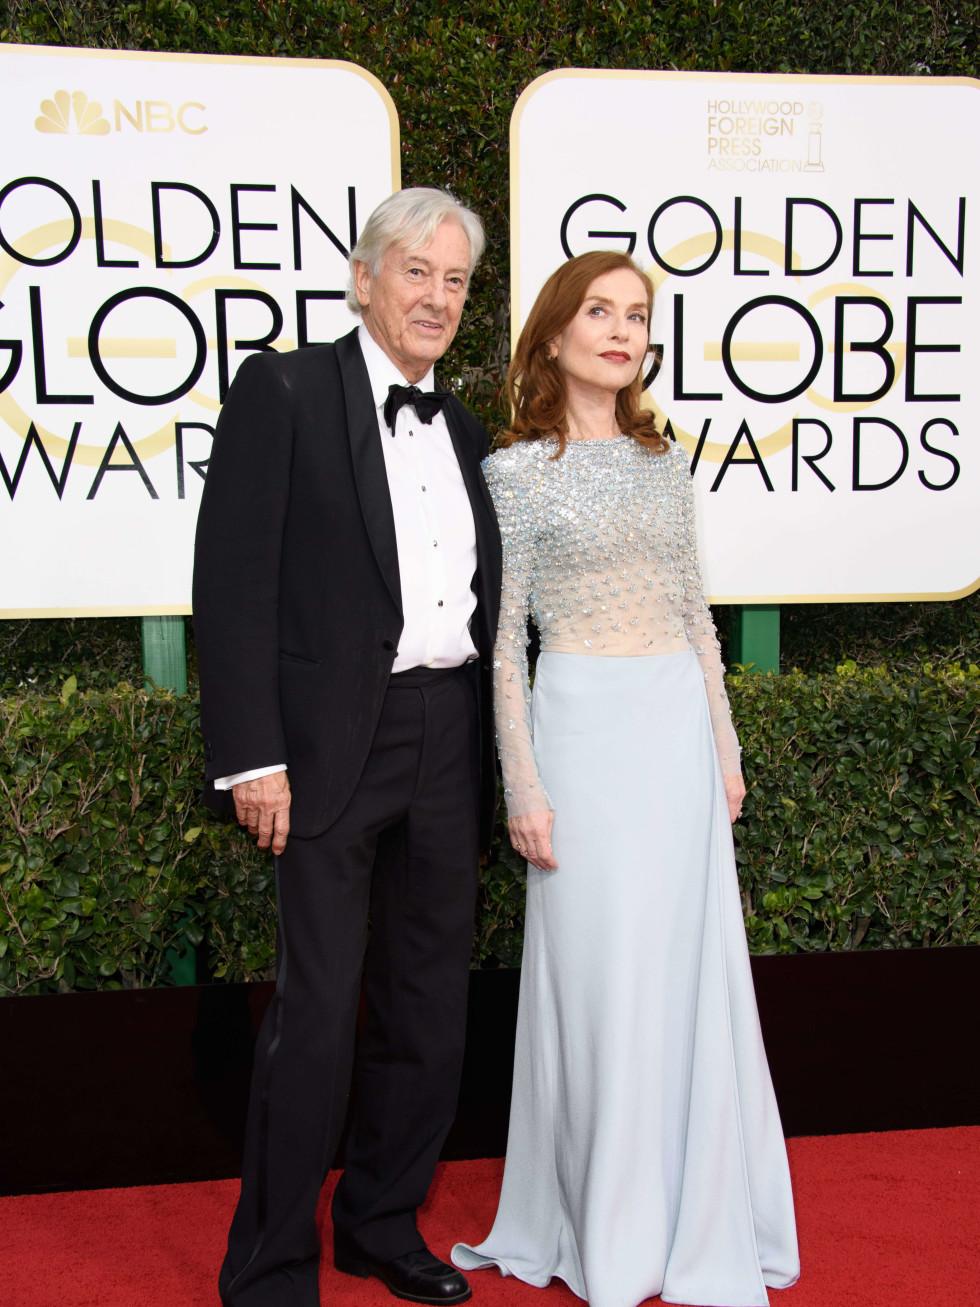 Paul Verhoeven, Isabelle Huppert at Golden Globes 2017